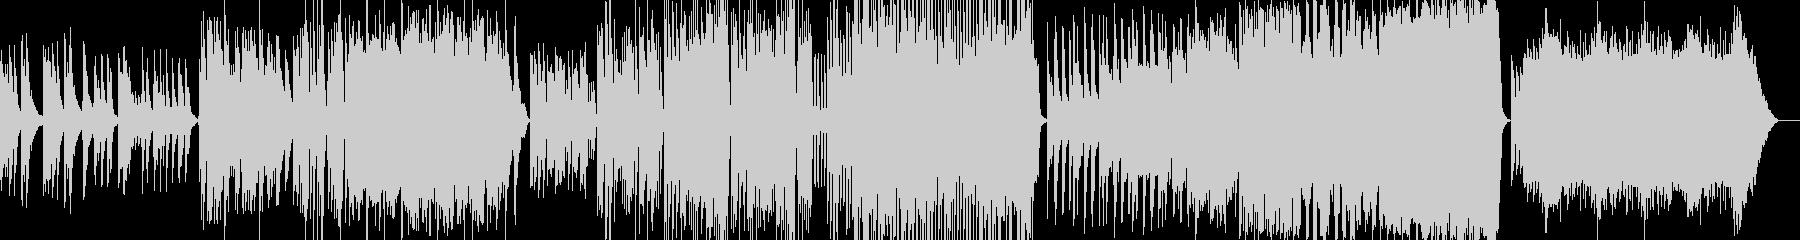 ピアノと弦楽器の為の古風な小品集の未再生の波形